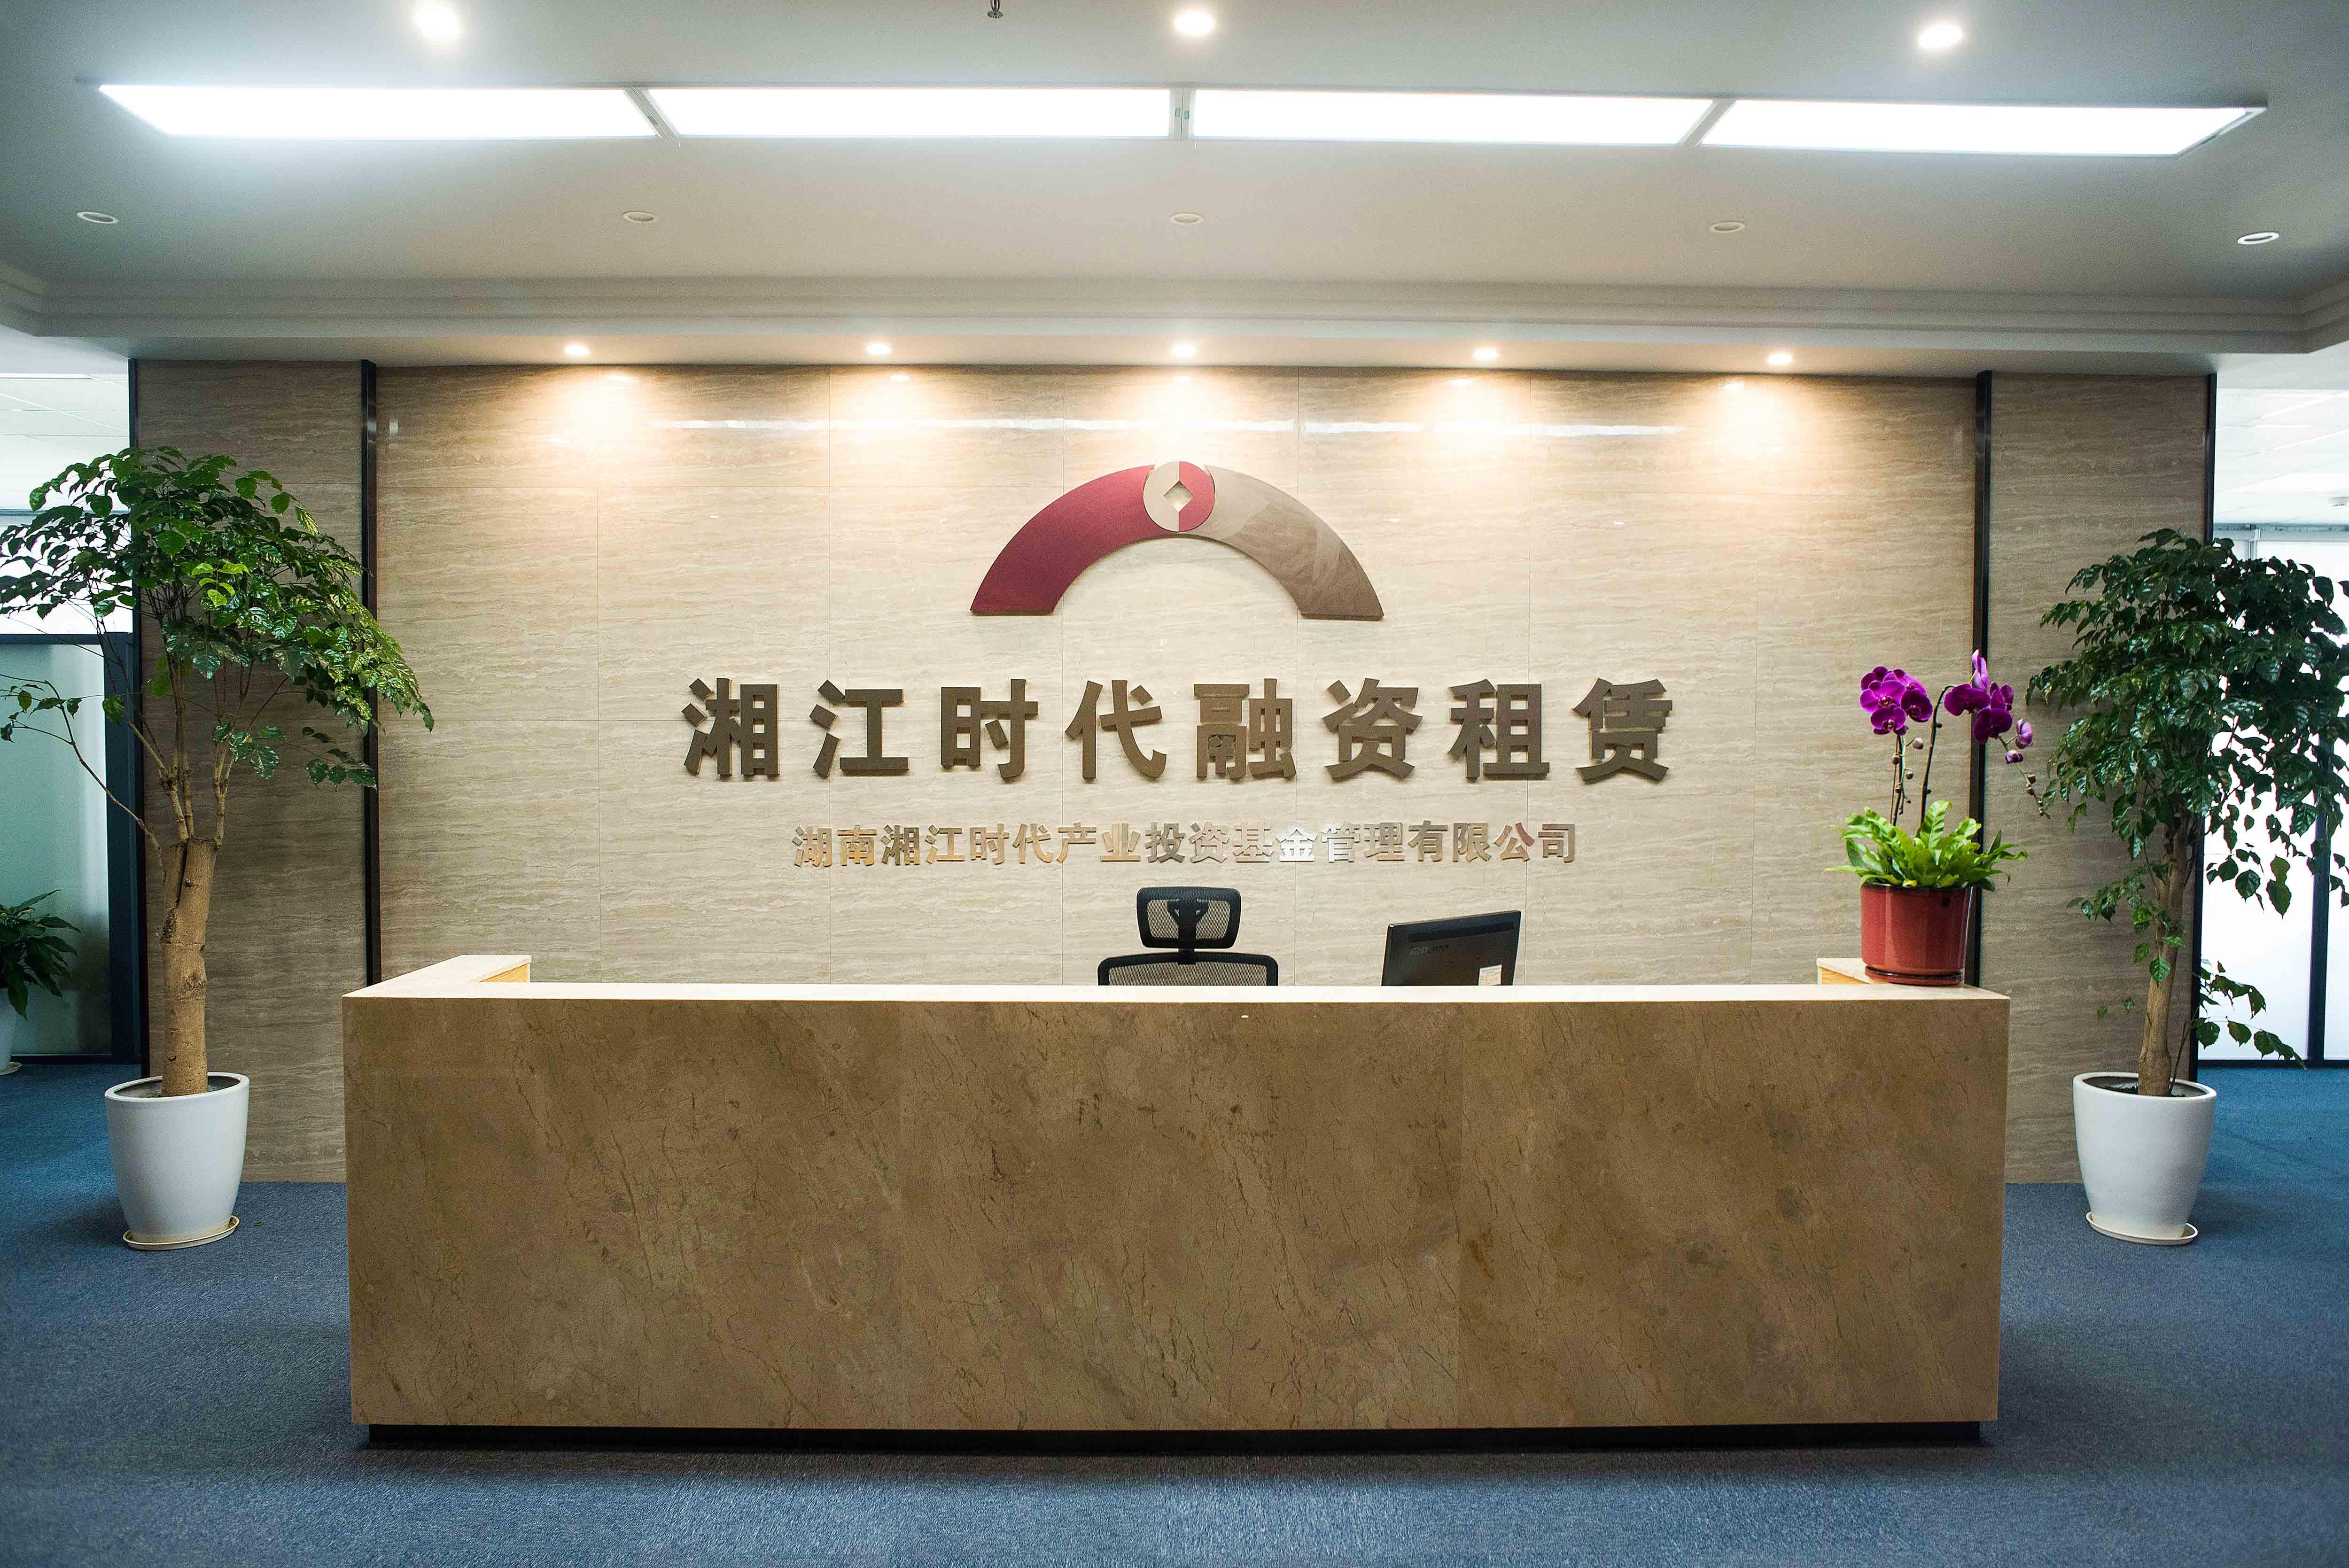 title='公司风采'